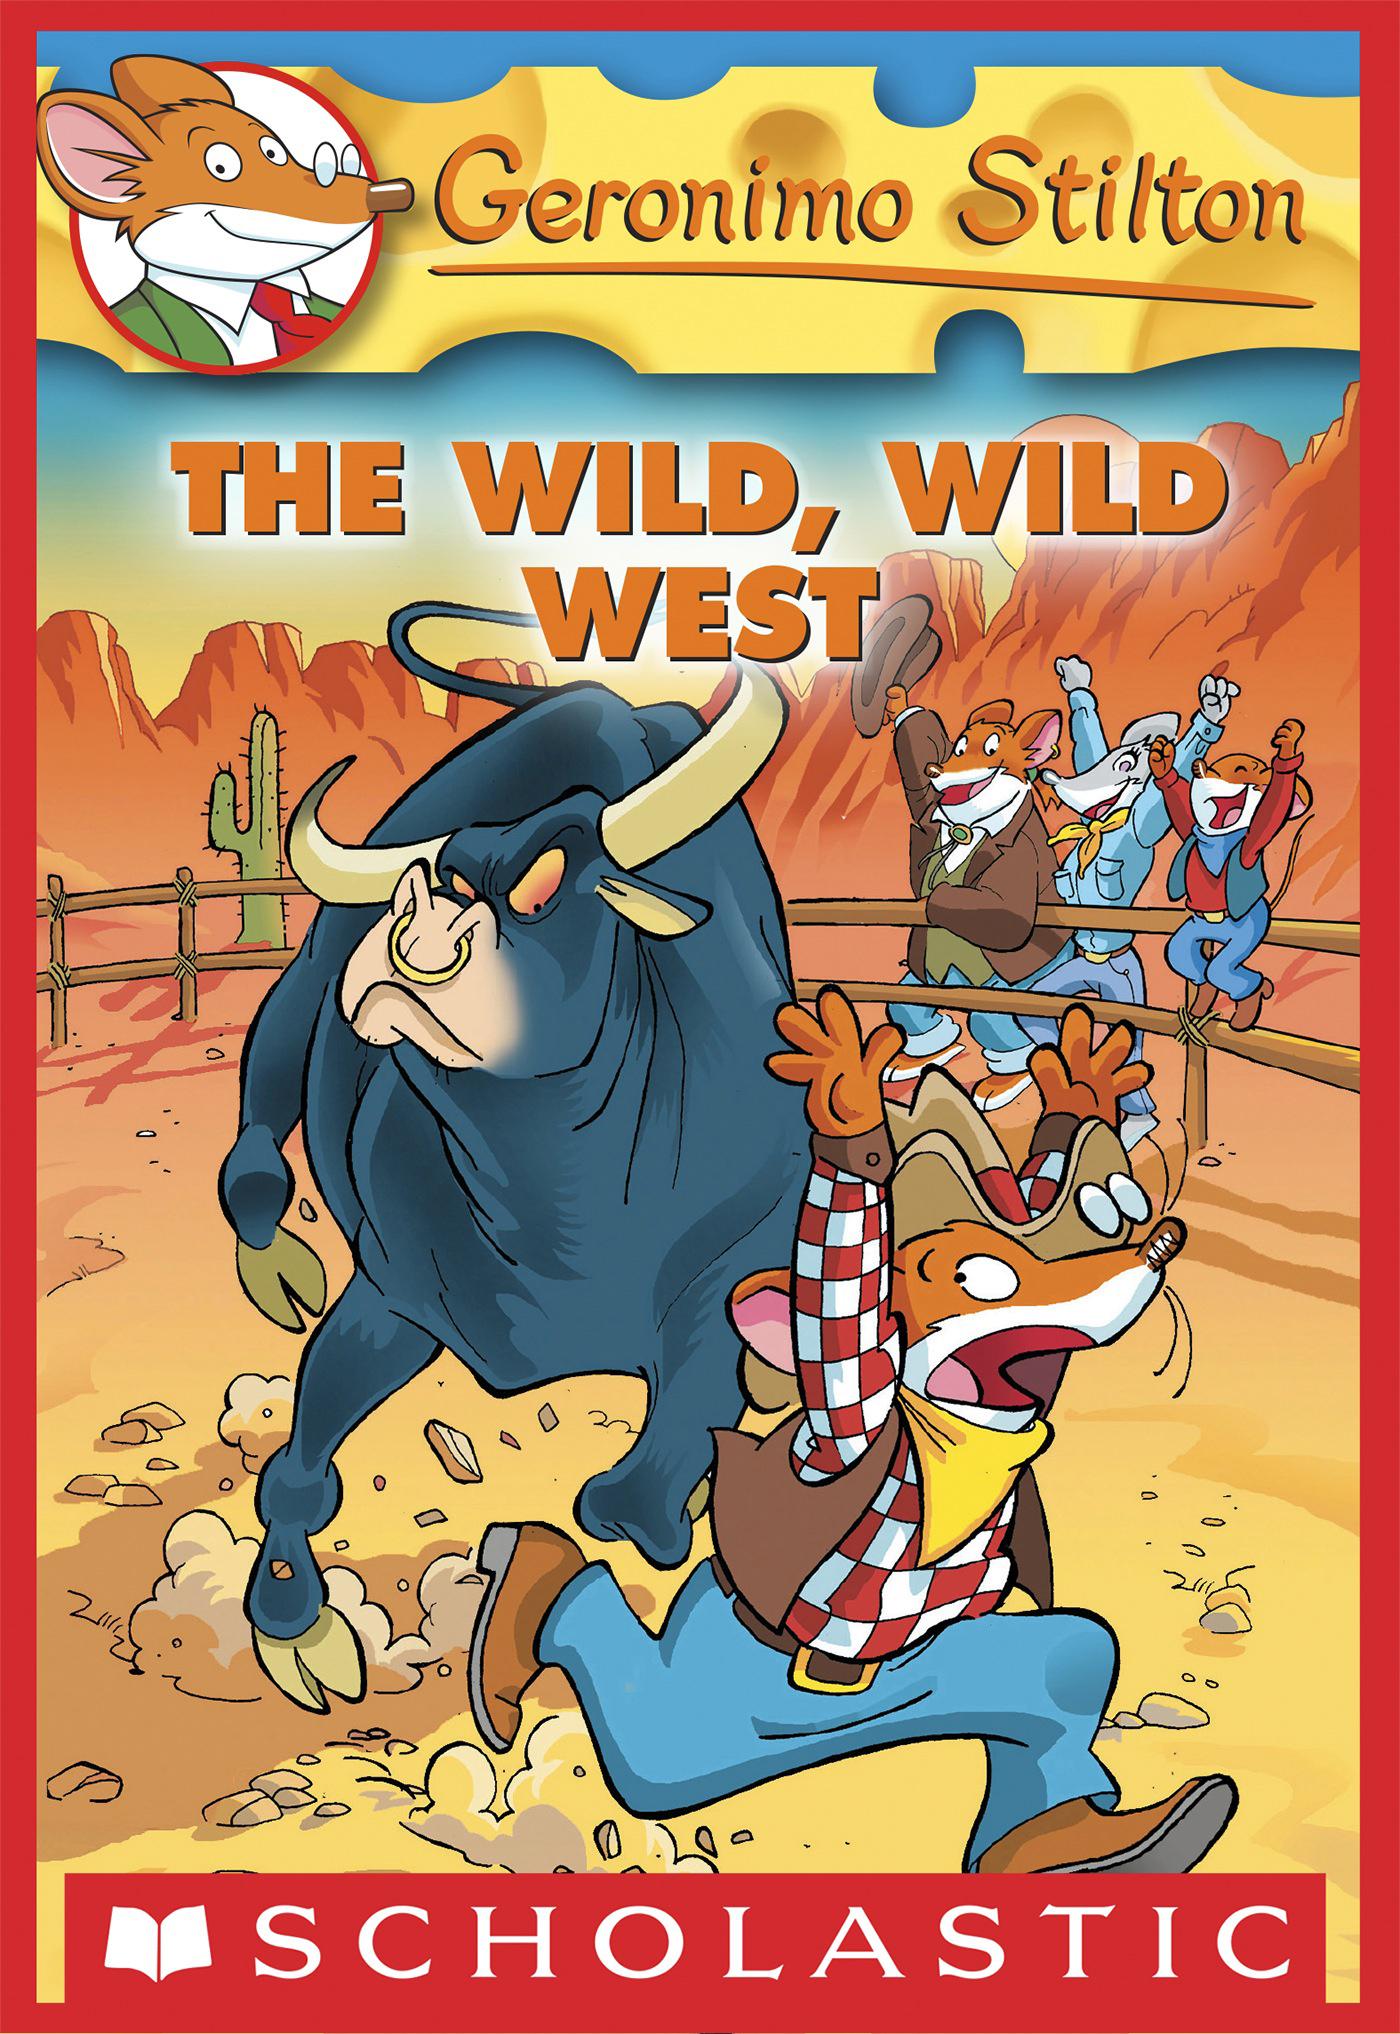 Geronimo Stilton #21: The Wild, Wild West